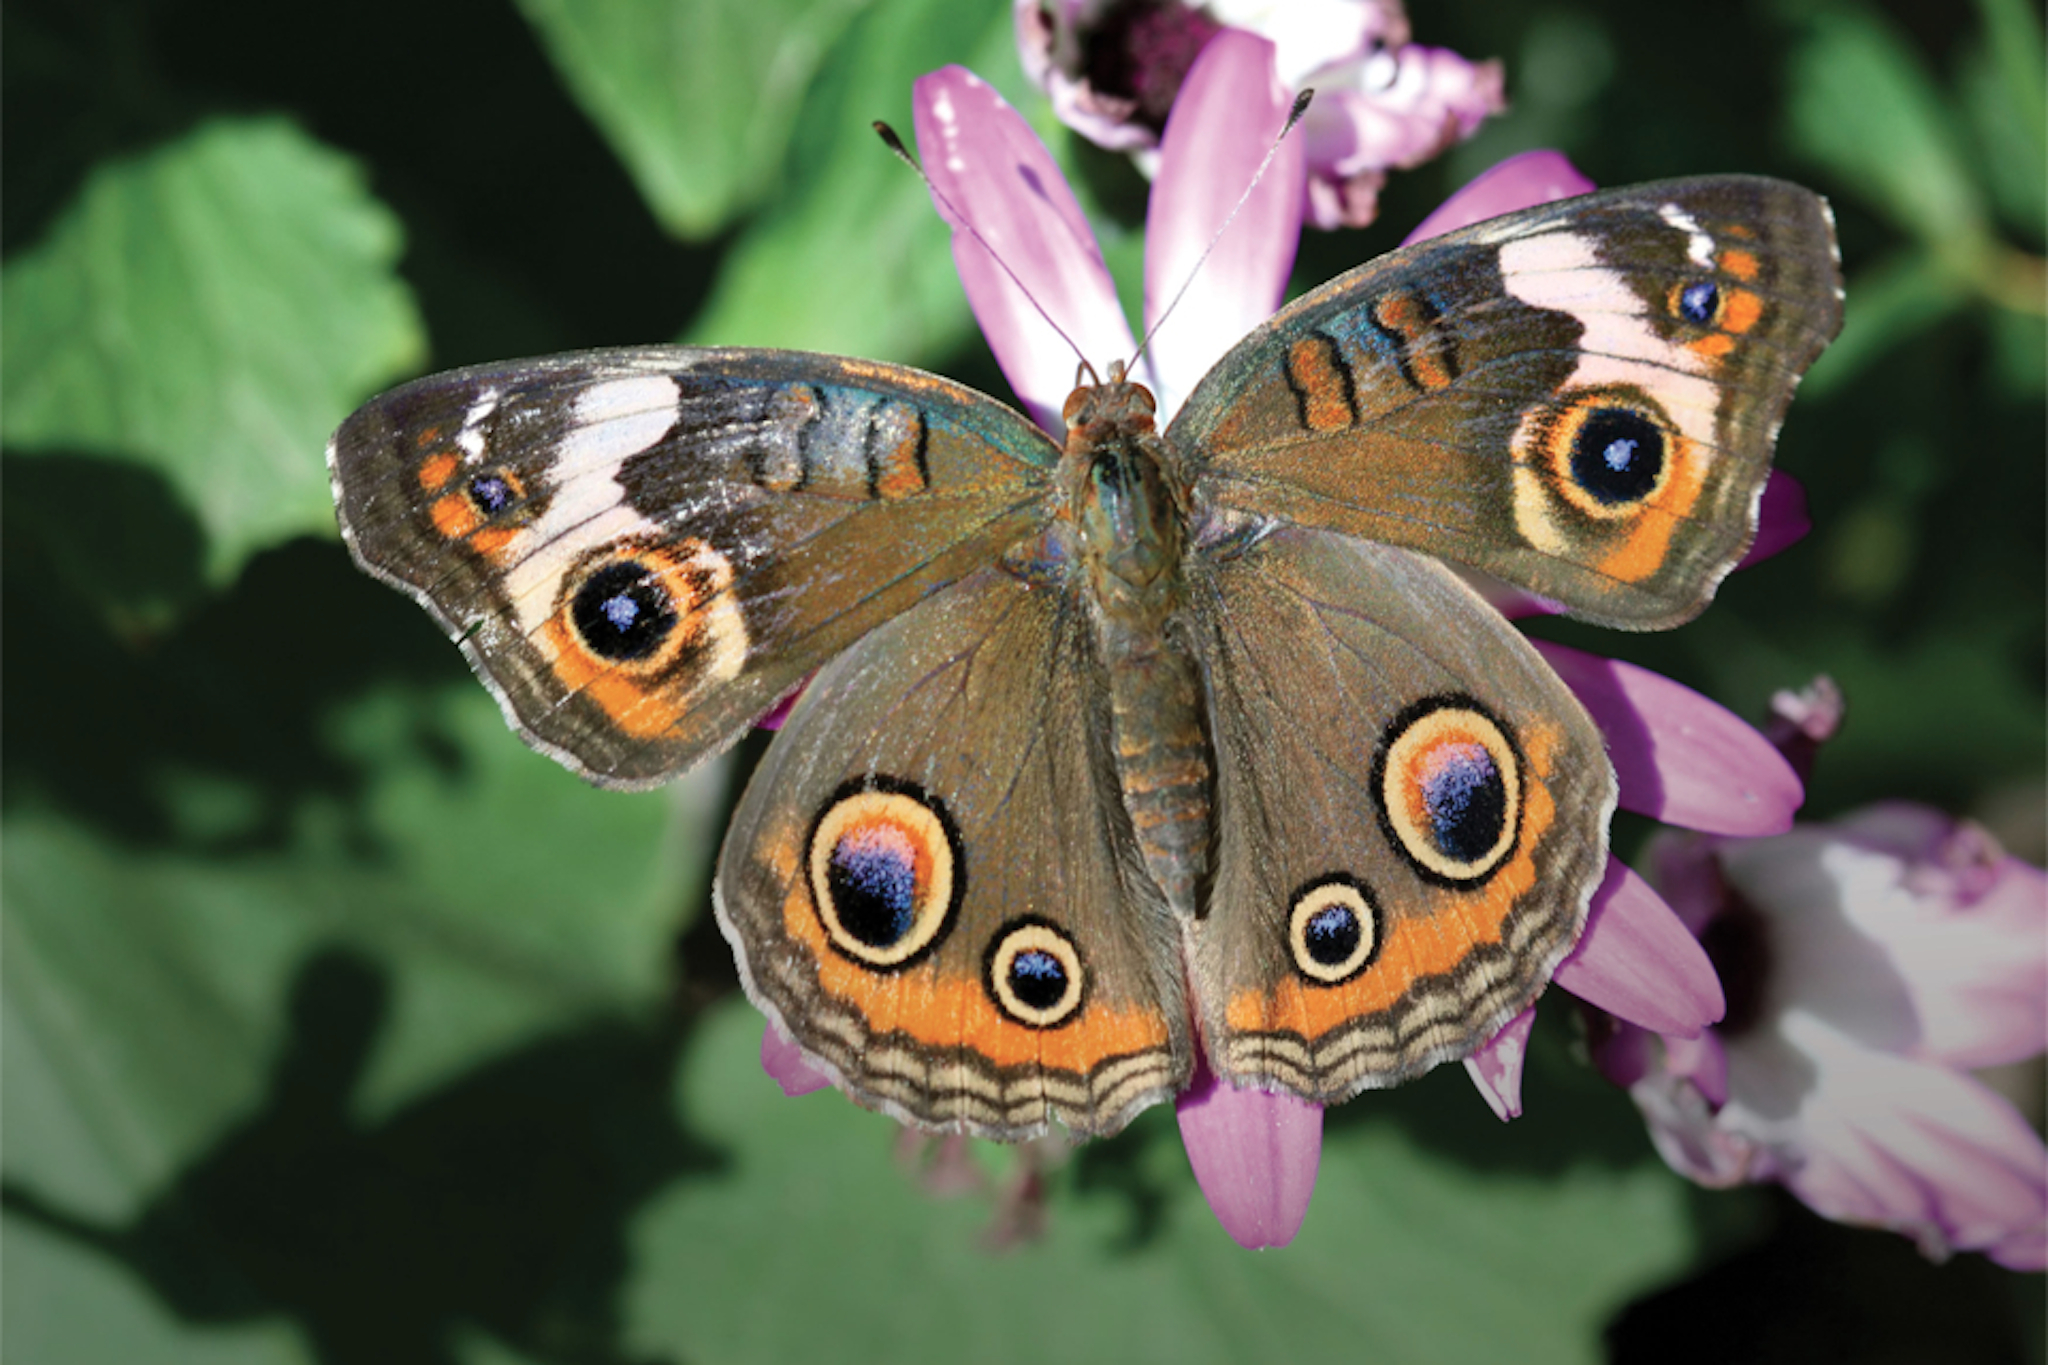 No Butterflies on a First Date